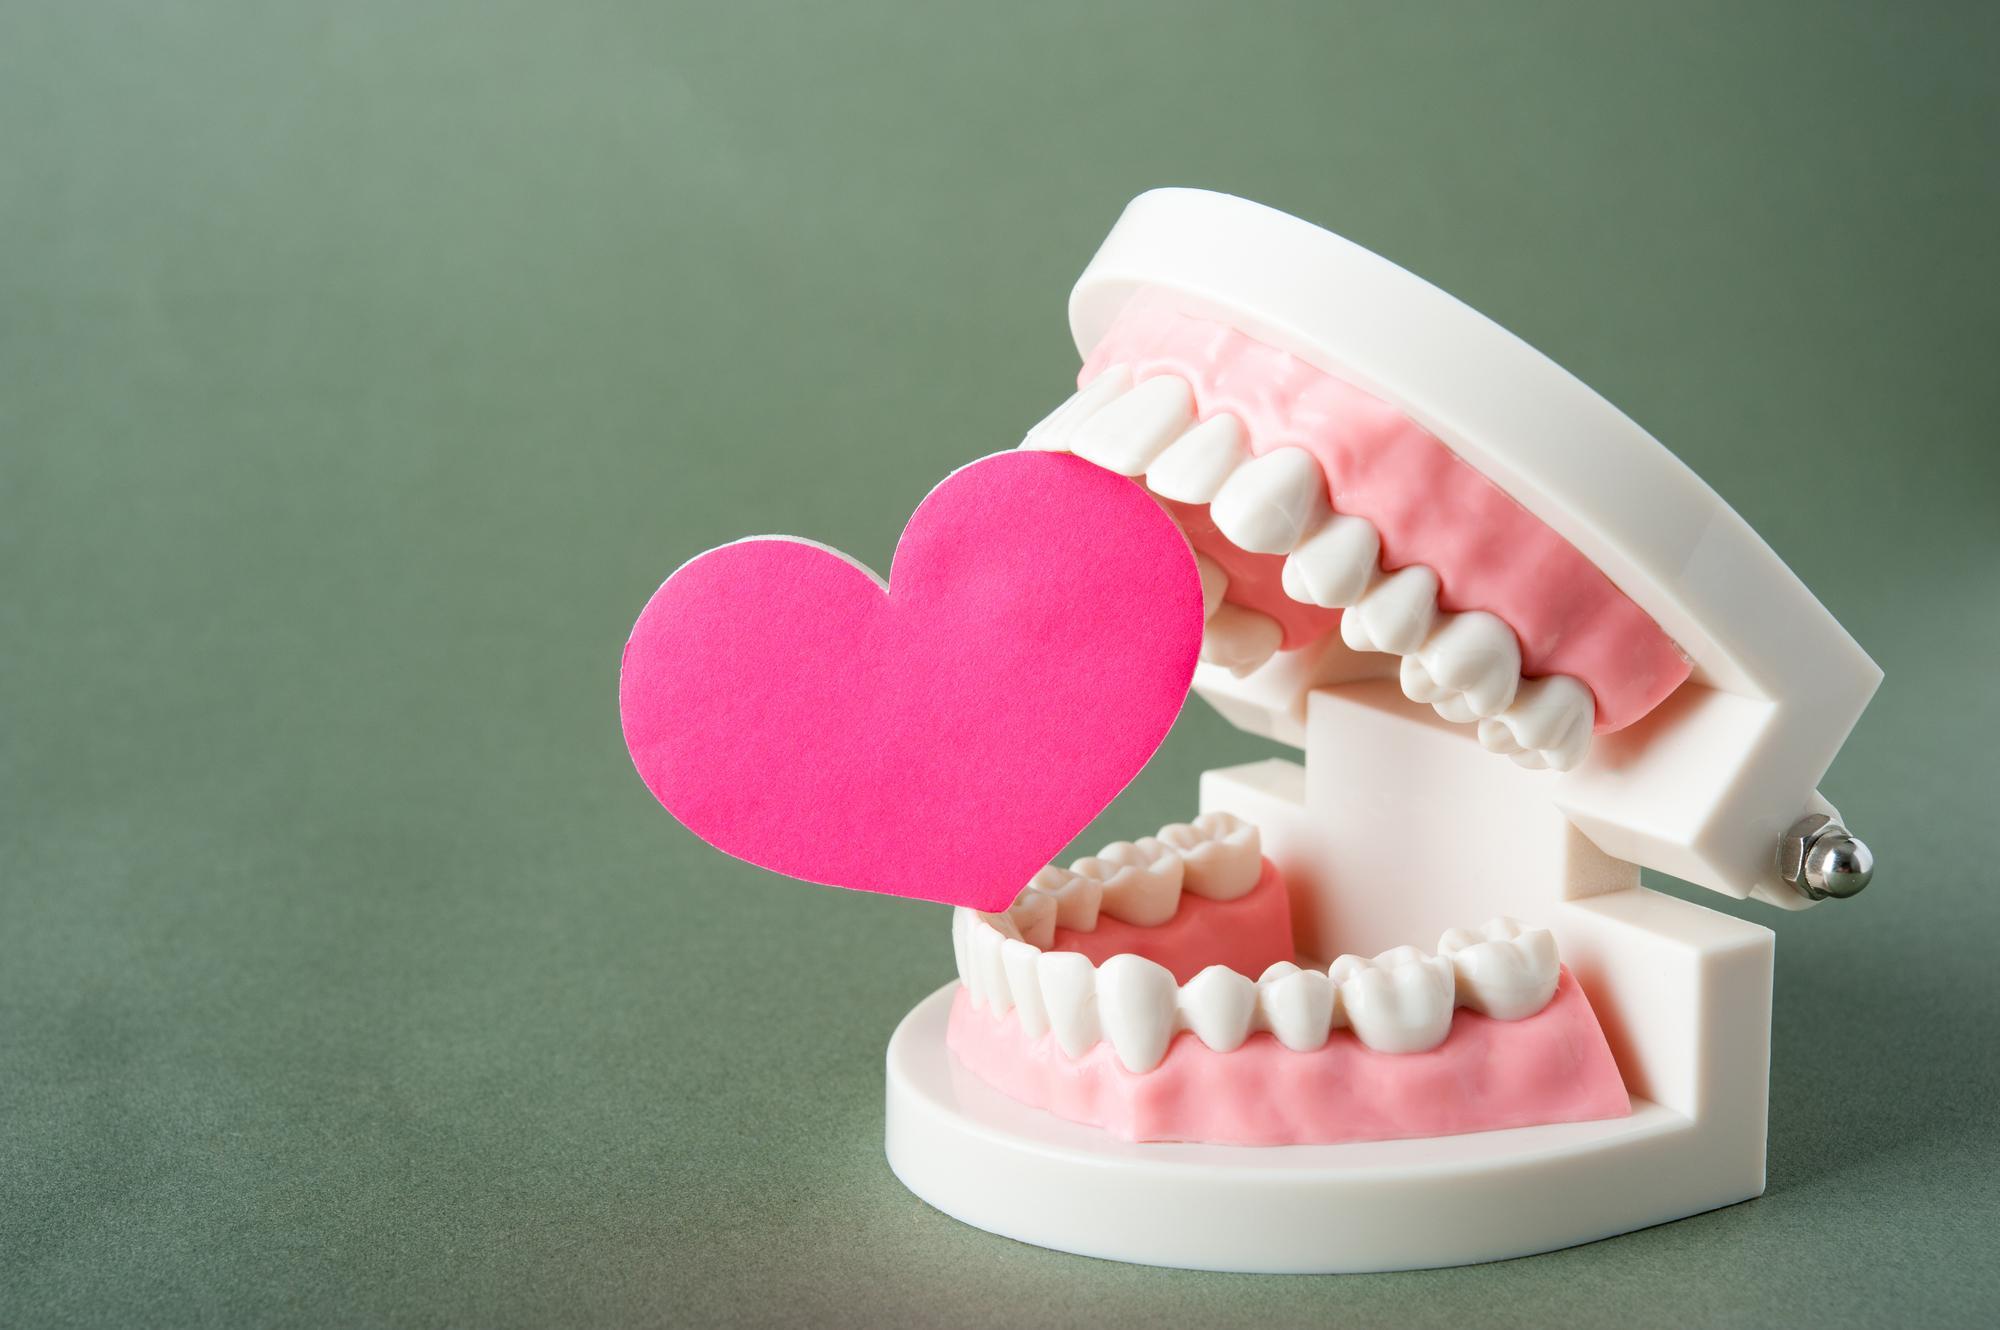 入れ歯 安定